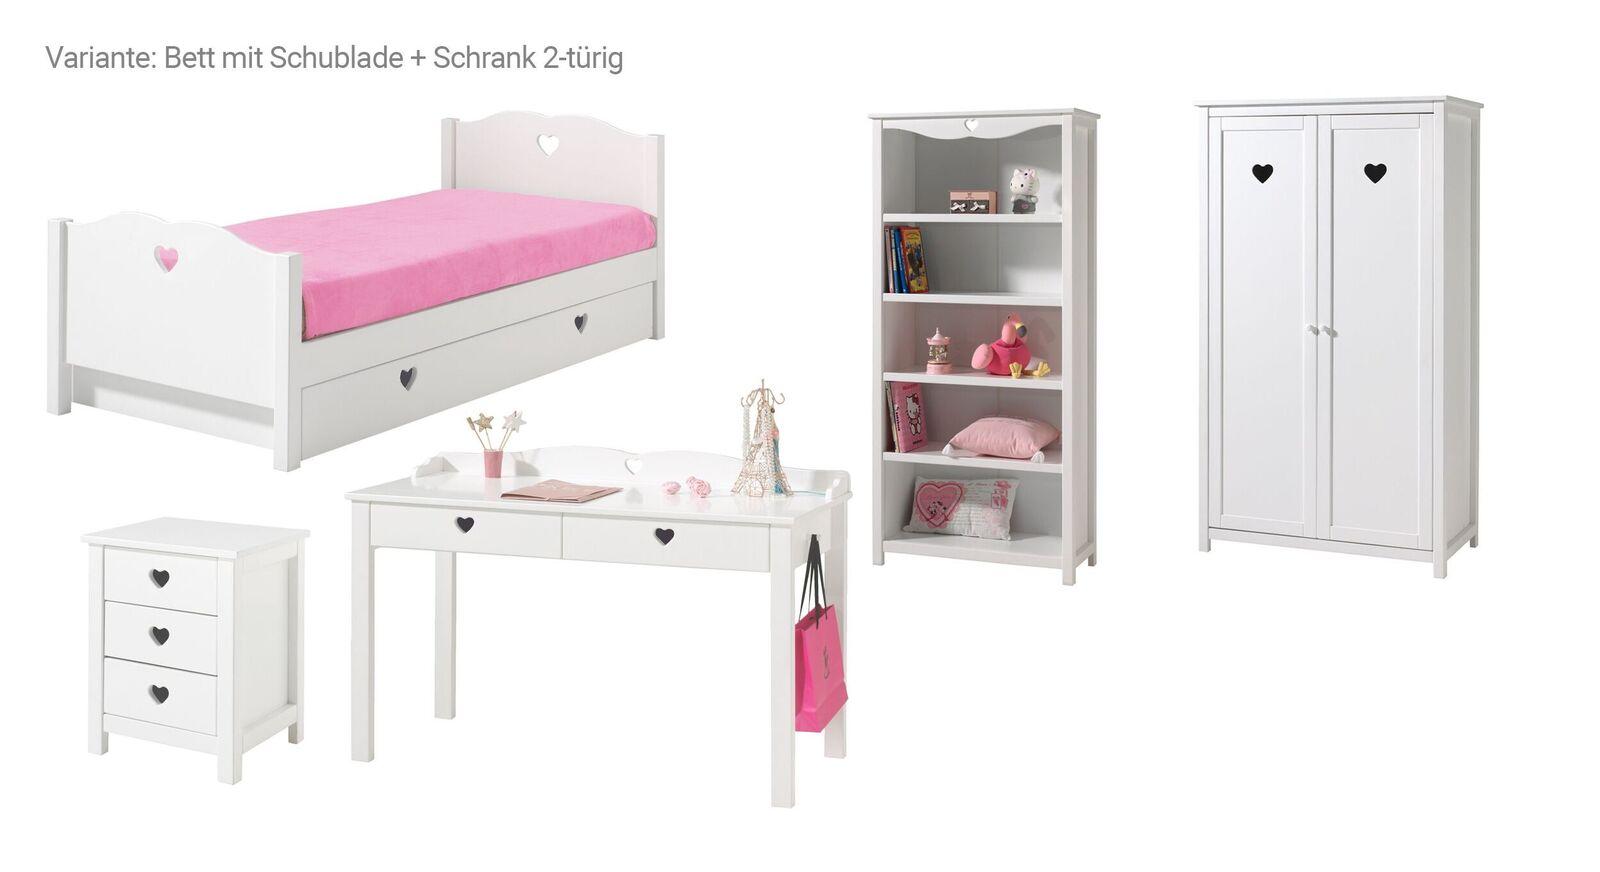 5-tlg Jugendzimmer Asami Bett mit Schublade und 2-türiger Schrank